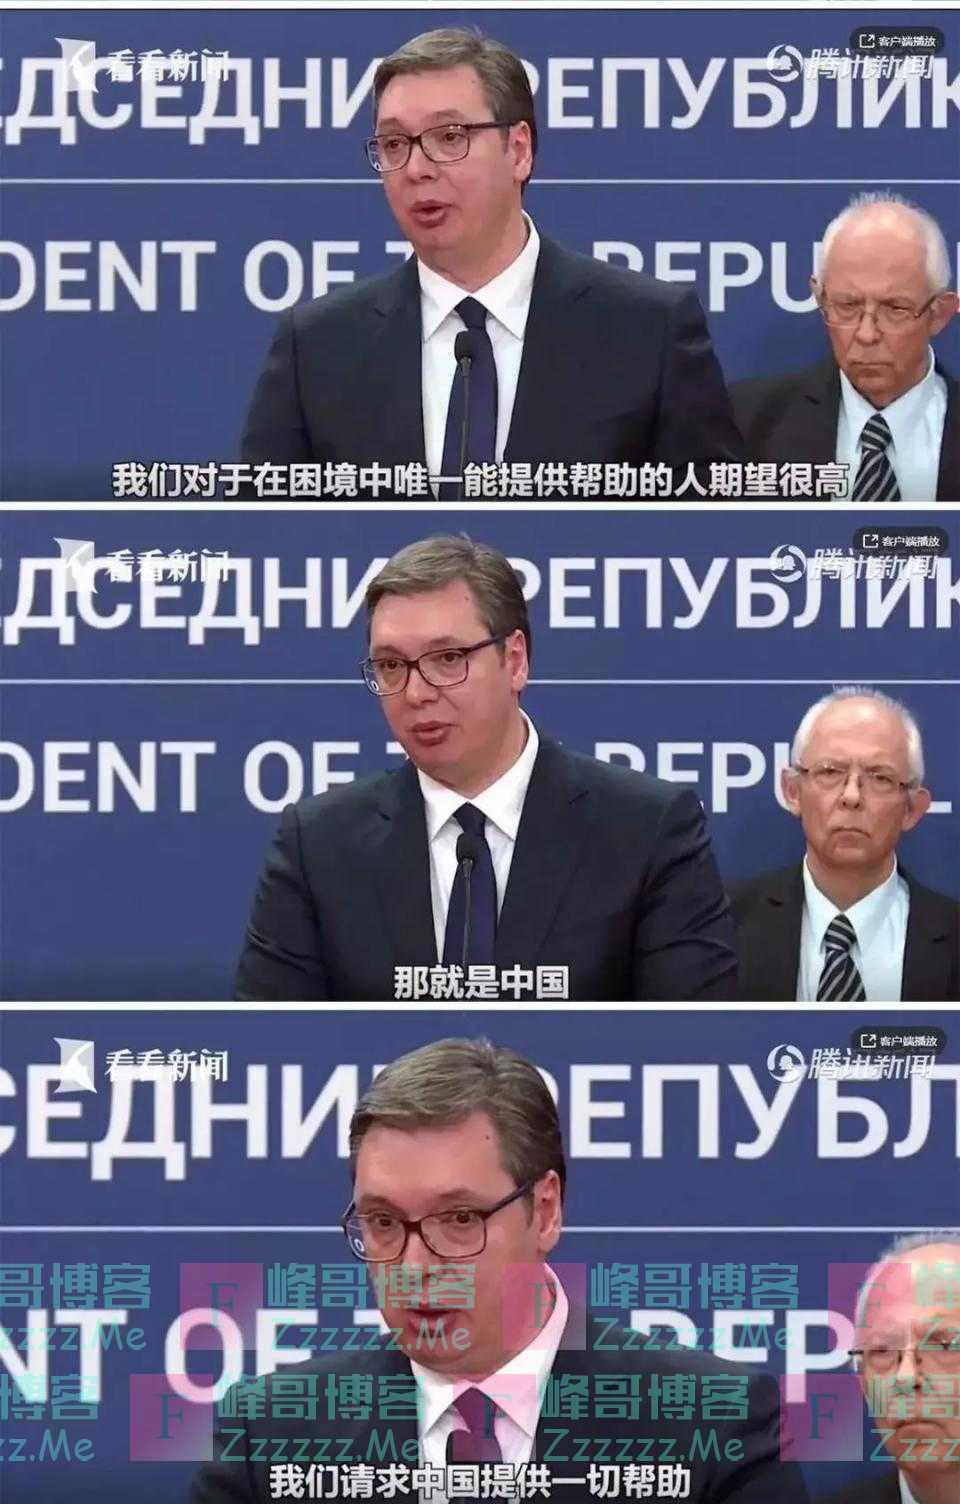 中国遭起诉,索赔百亿:做梦吧,大清早就亡了!